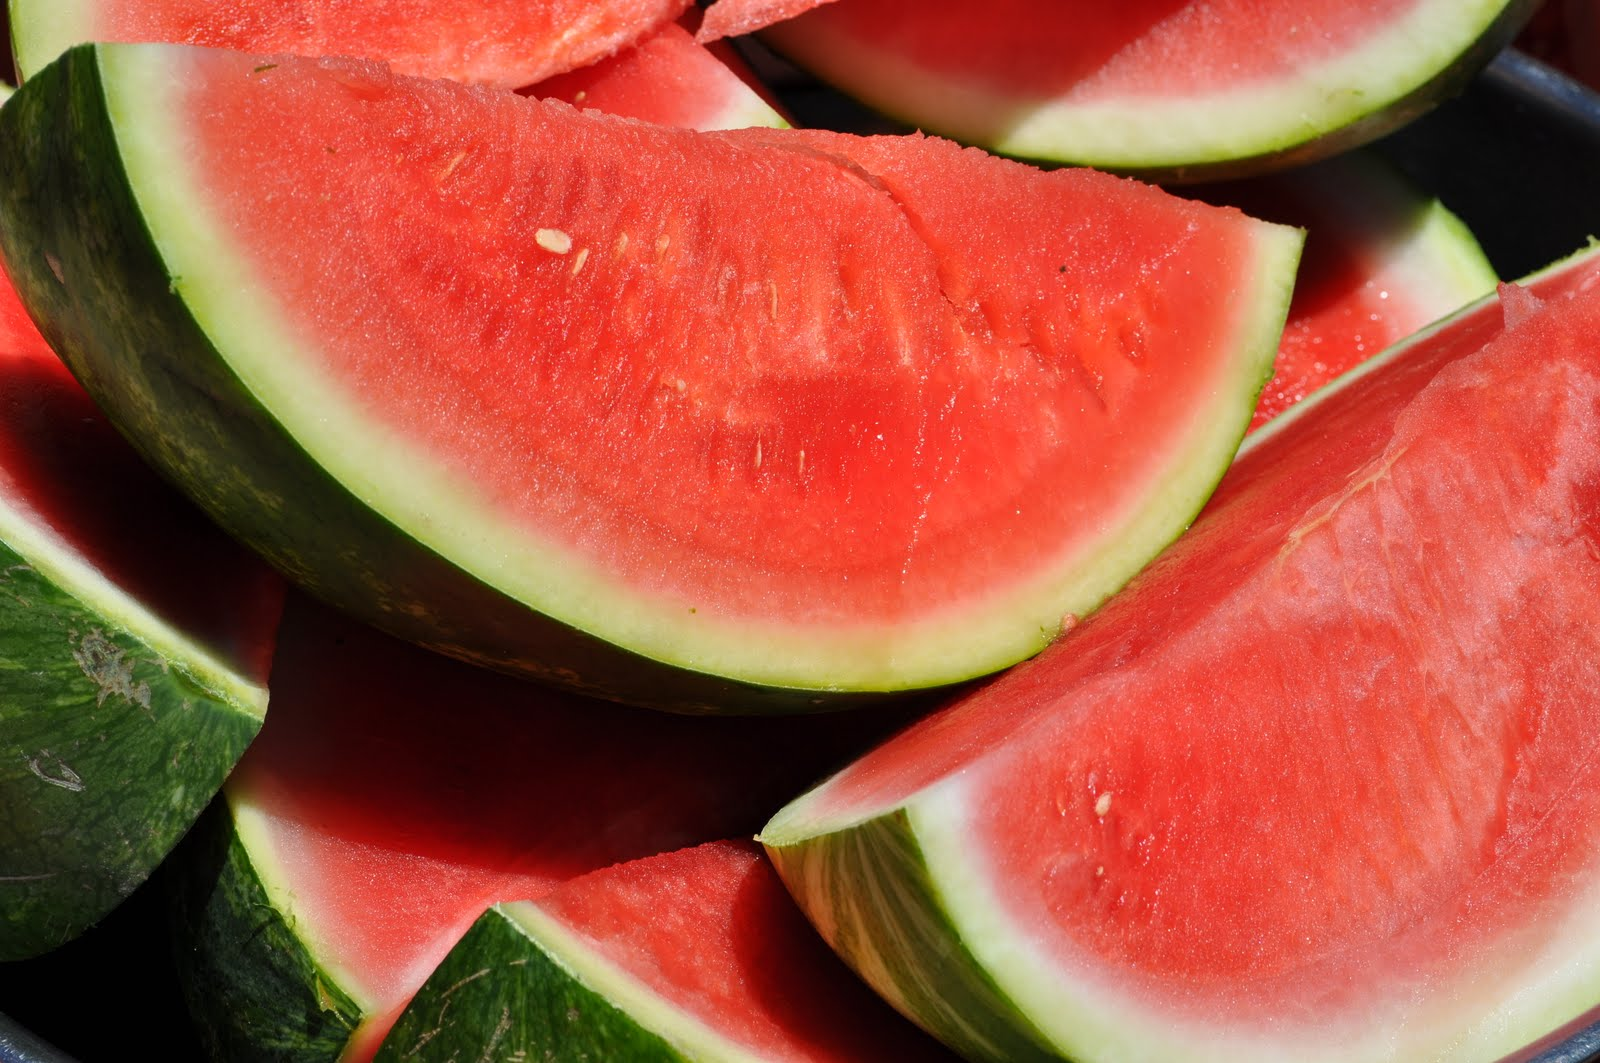 Топ 3 диеты августа на основе арбуза, дыни, яблок - фото №1